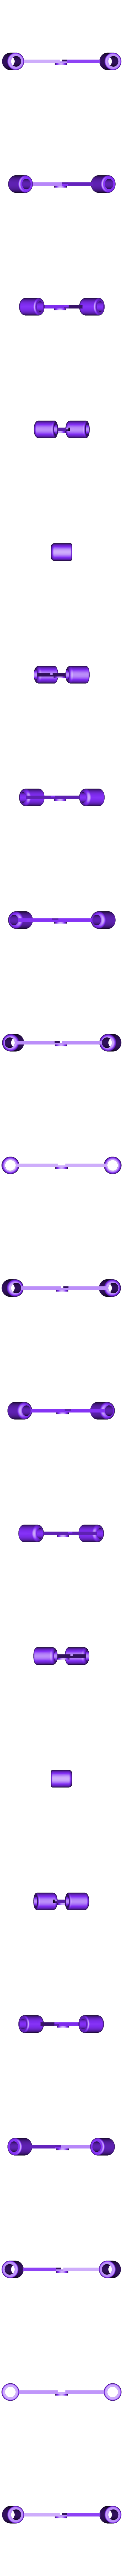 engine.stl Download free STL file Battle zeppelin lamp • 3D print design, vd_max